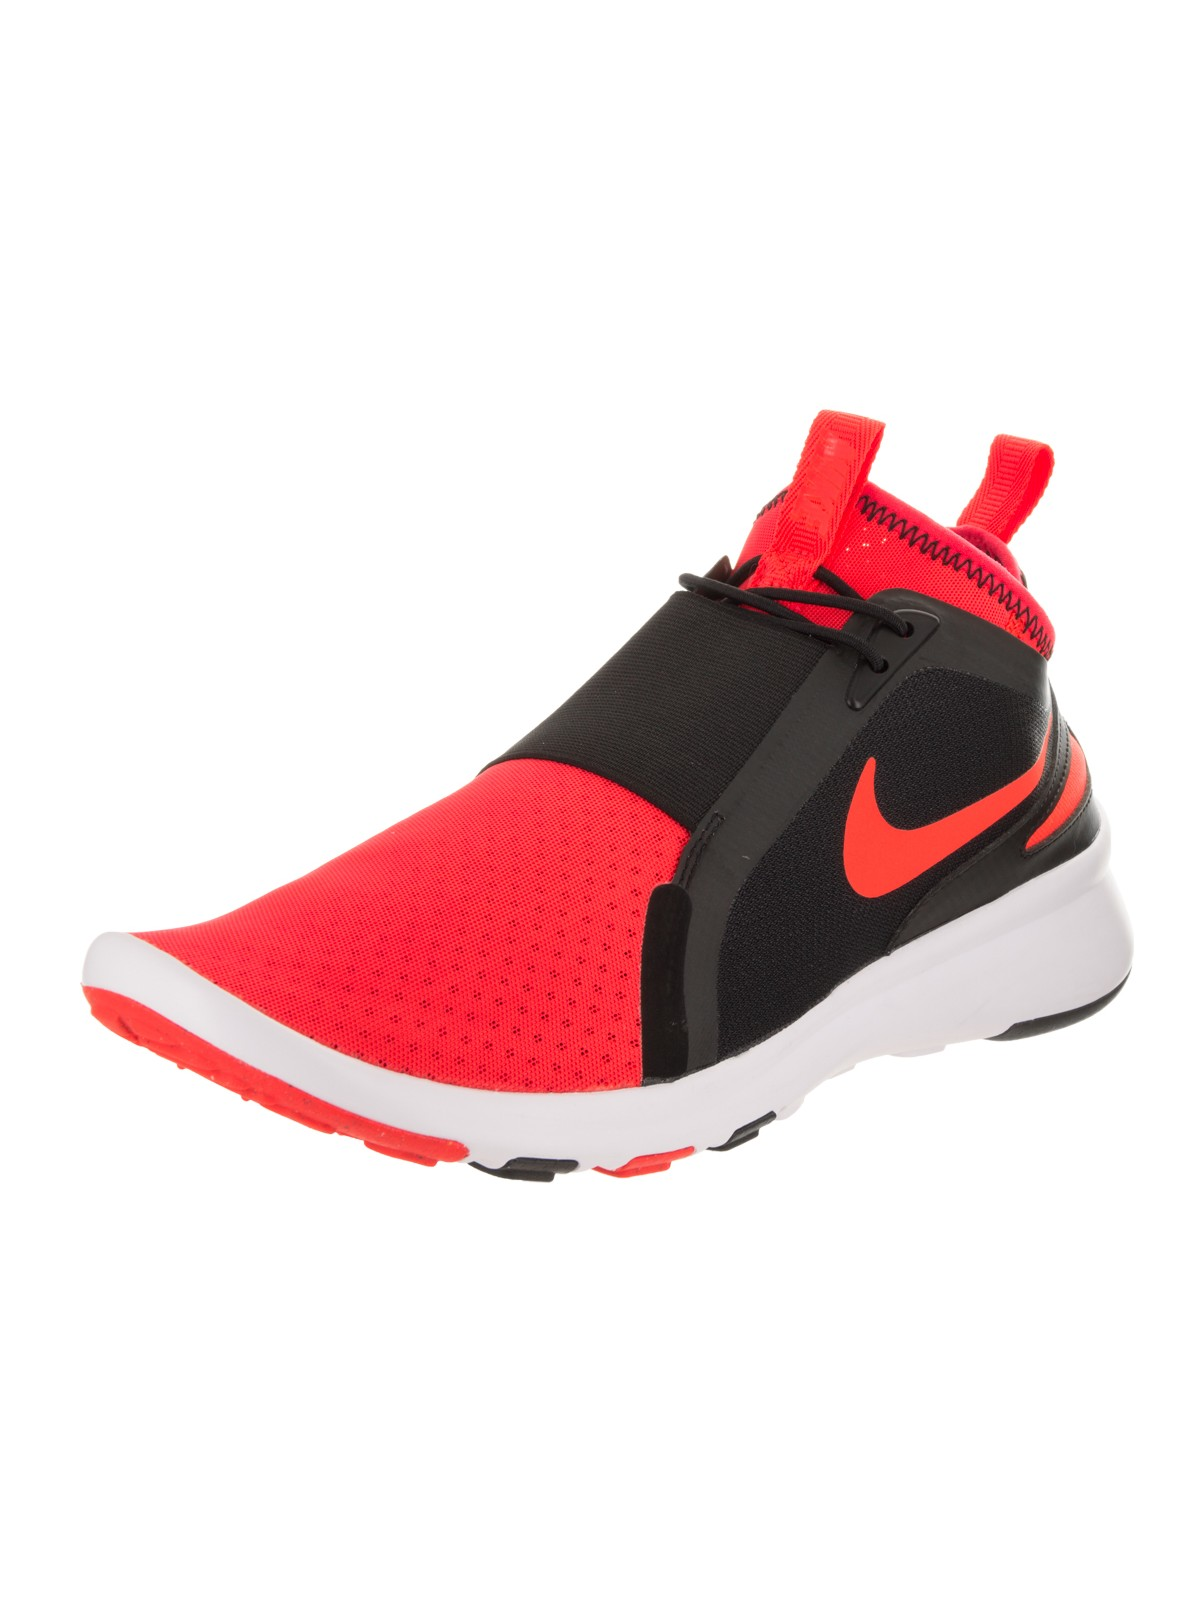 best website 36eec b6c32 Chaussures de gymnastique et de course   Walmart Canada